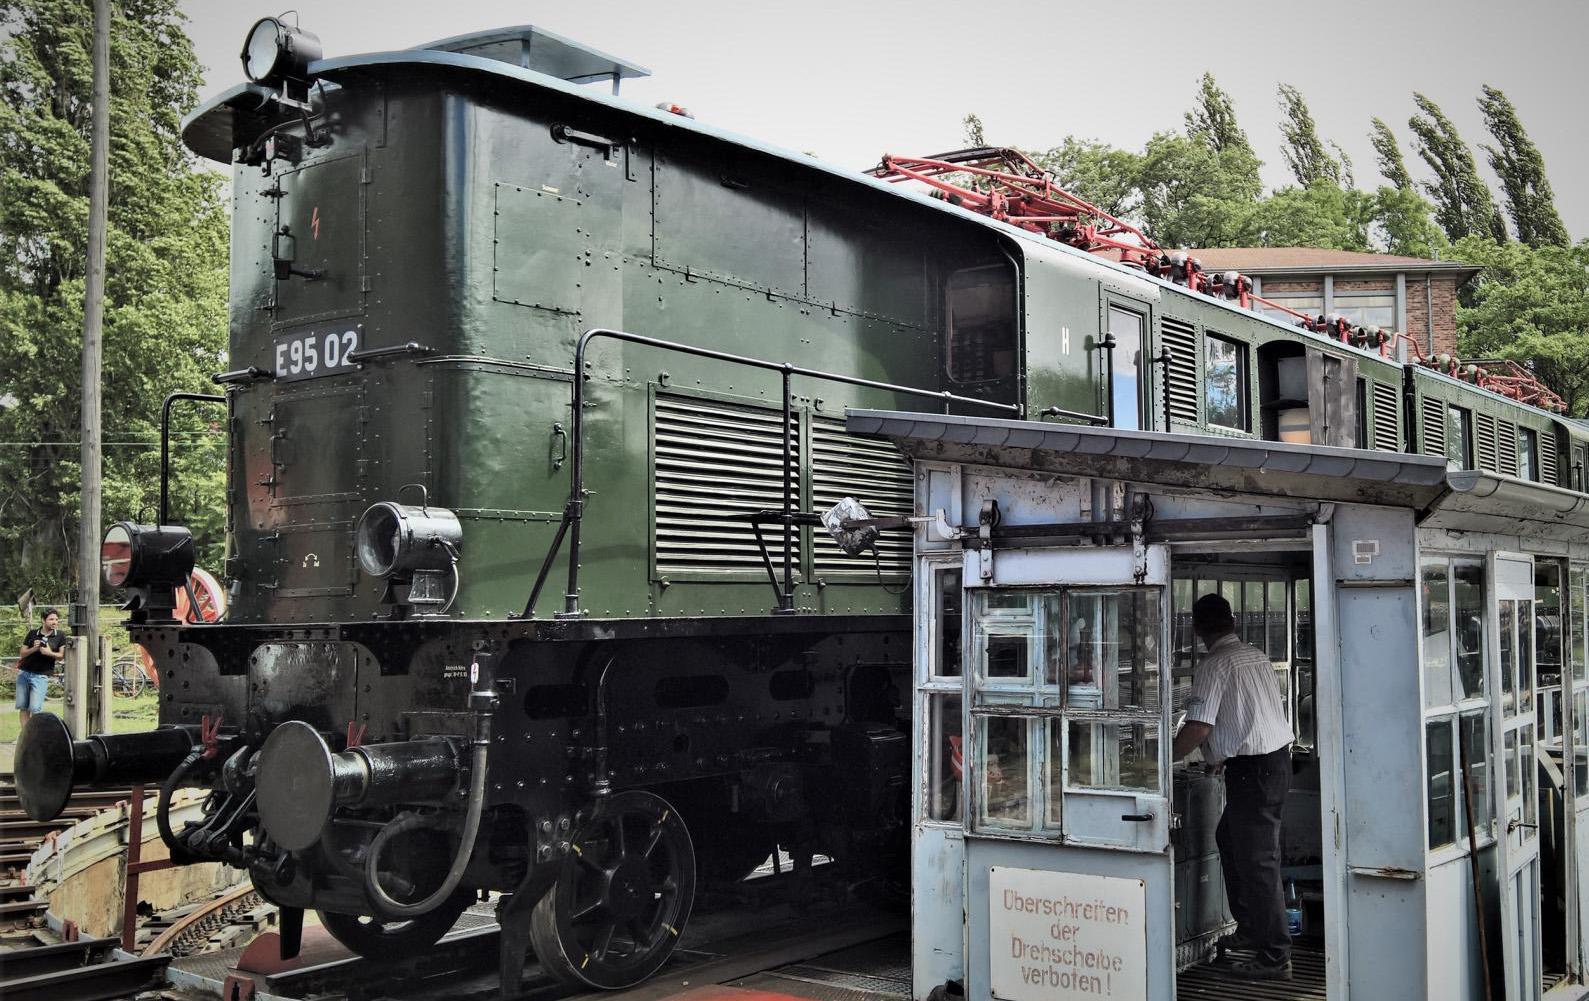 ©Foto: Christian Wodzinski | railmen | Güterzuglokomotive E95 02 | BJ 1927 | Auf der Drehscheibe vom DB Museum Halle